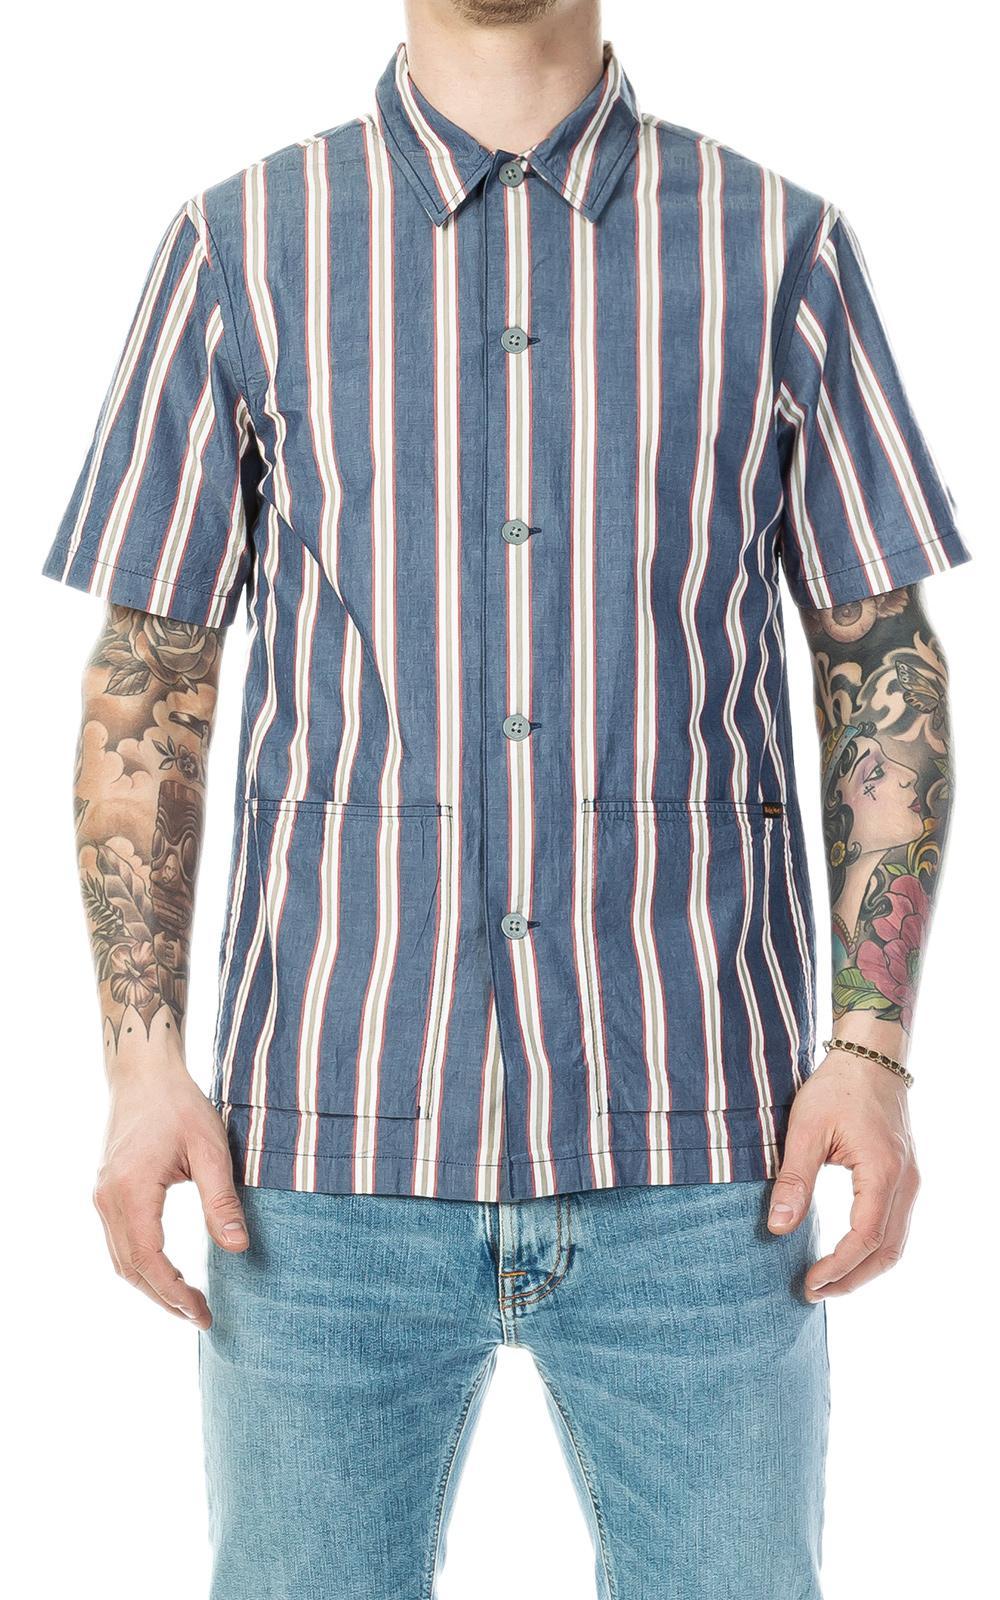 689a27017f Lyst - Nudie Jeans Svante Cuban Stripe Multi in Blue for Men - Save ...